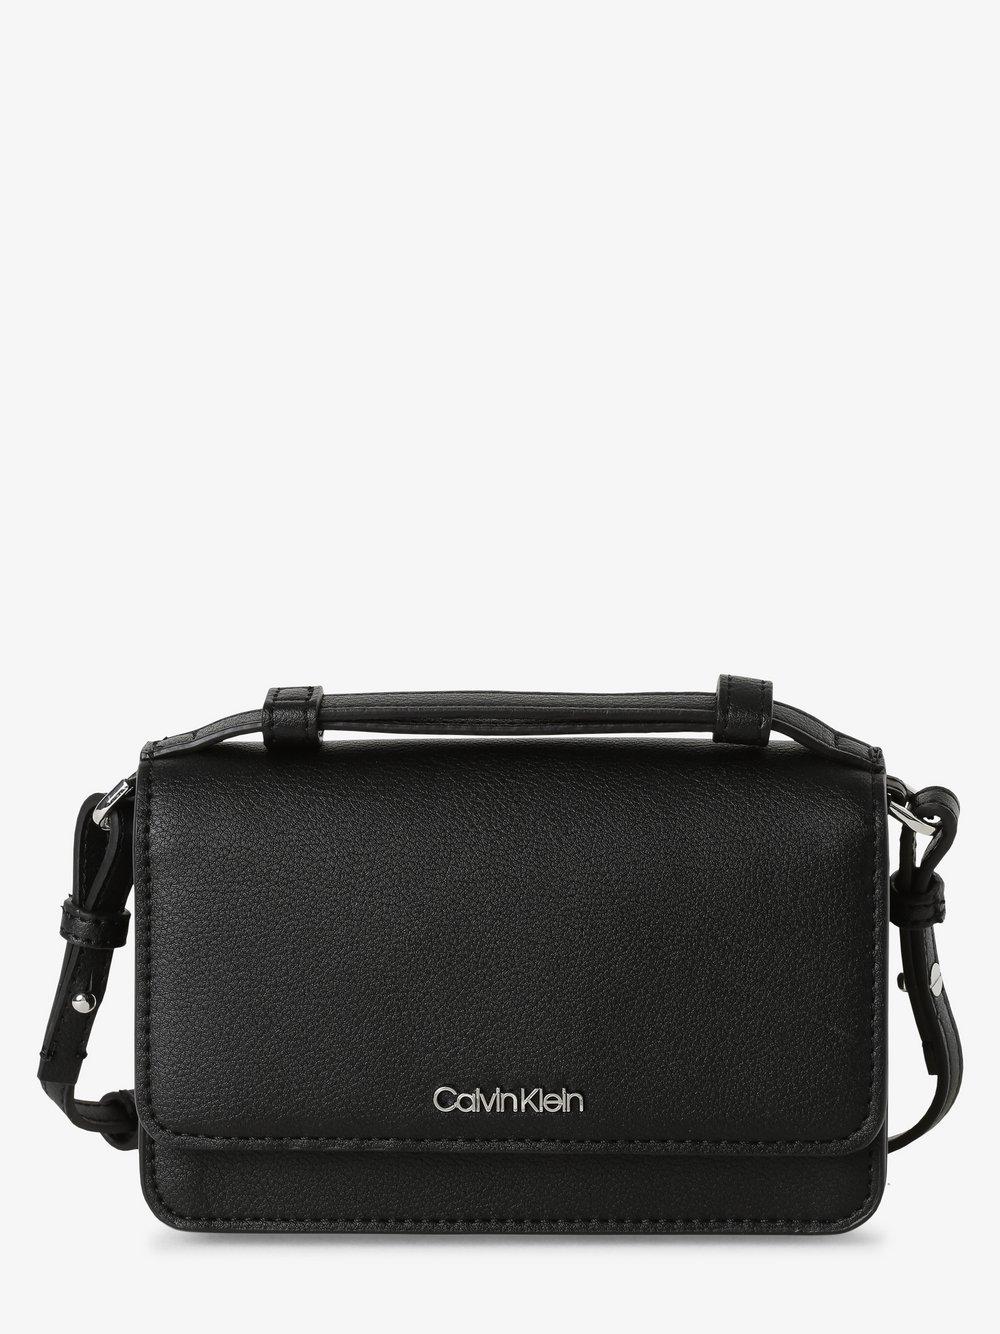 Calvin Klein - Portfel damski, czarny